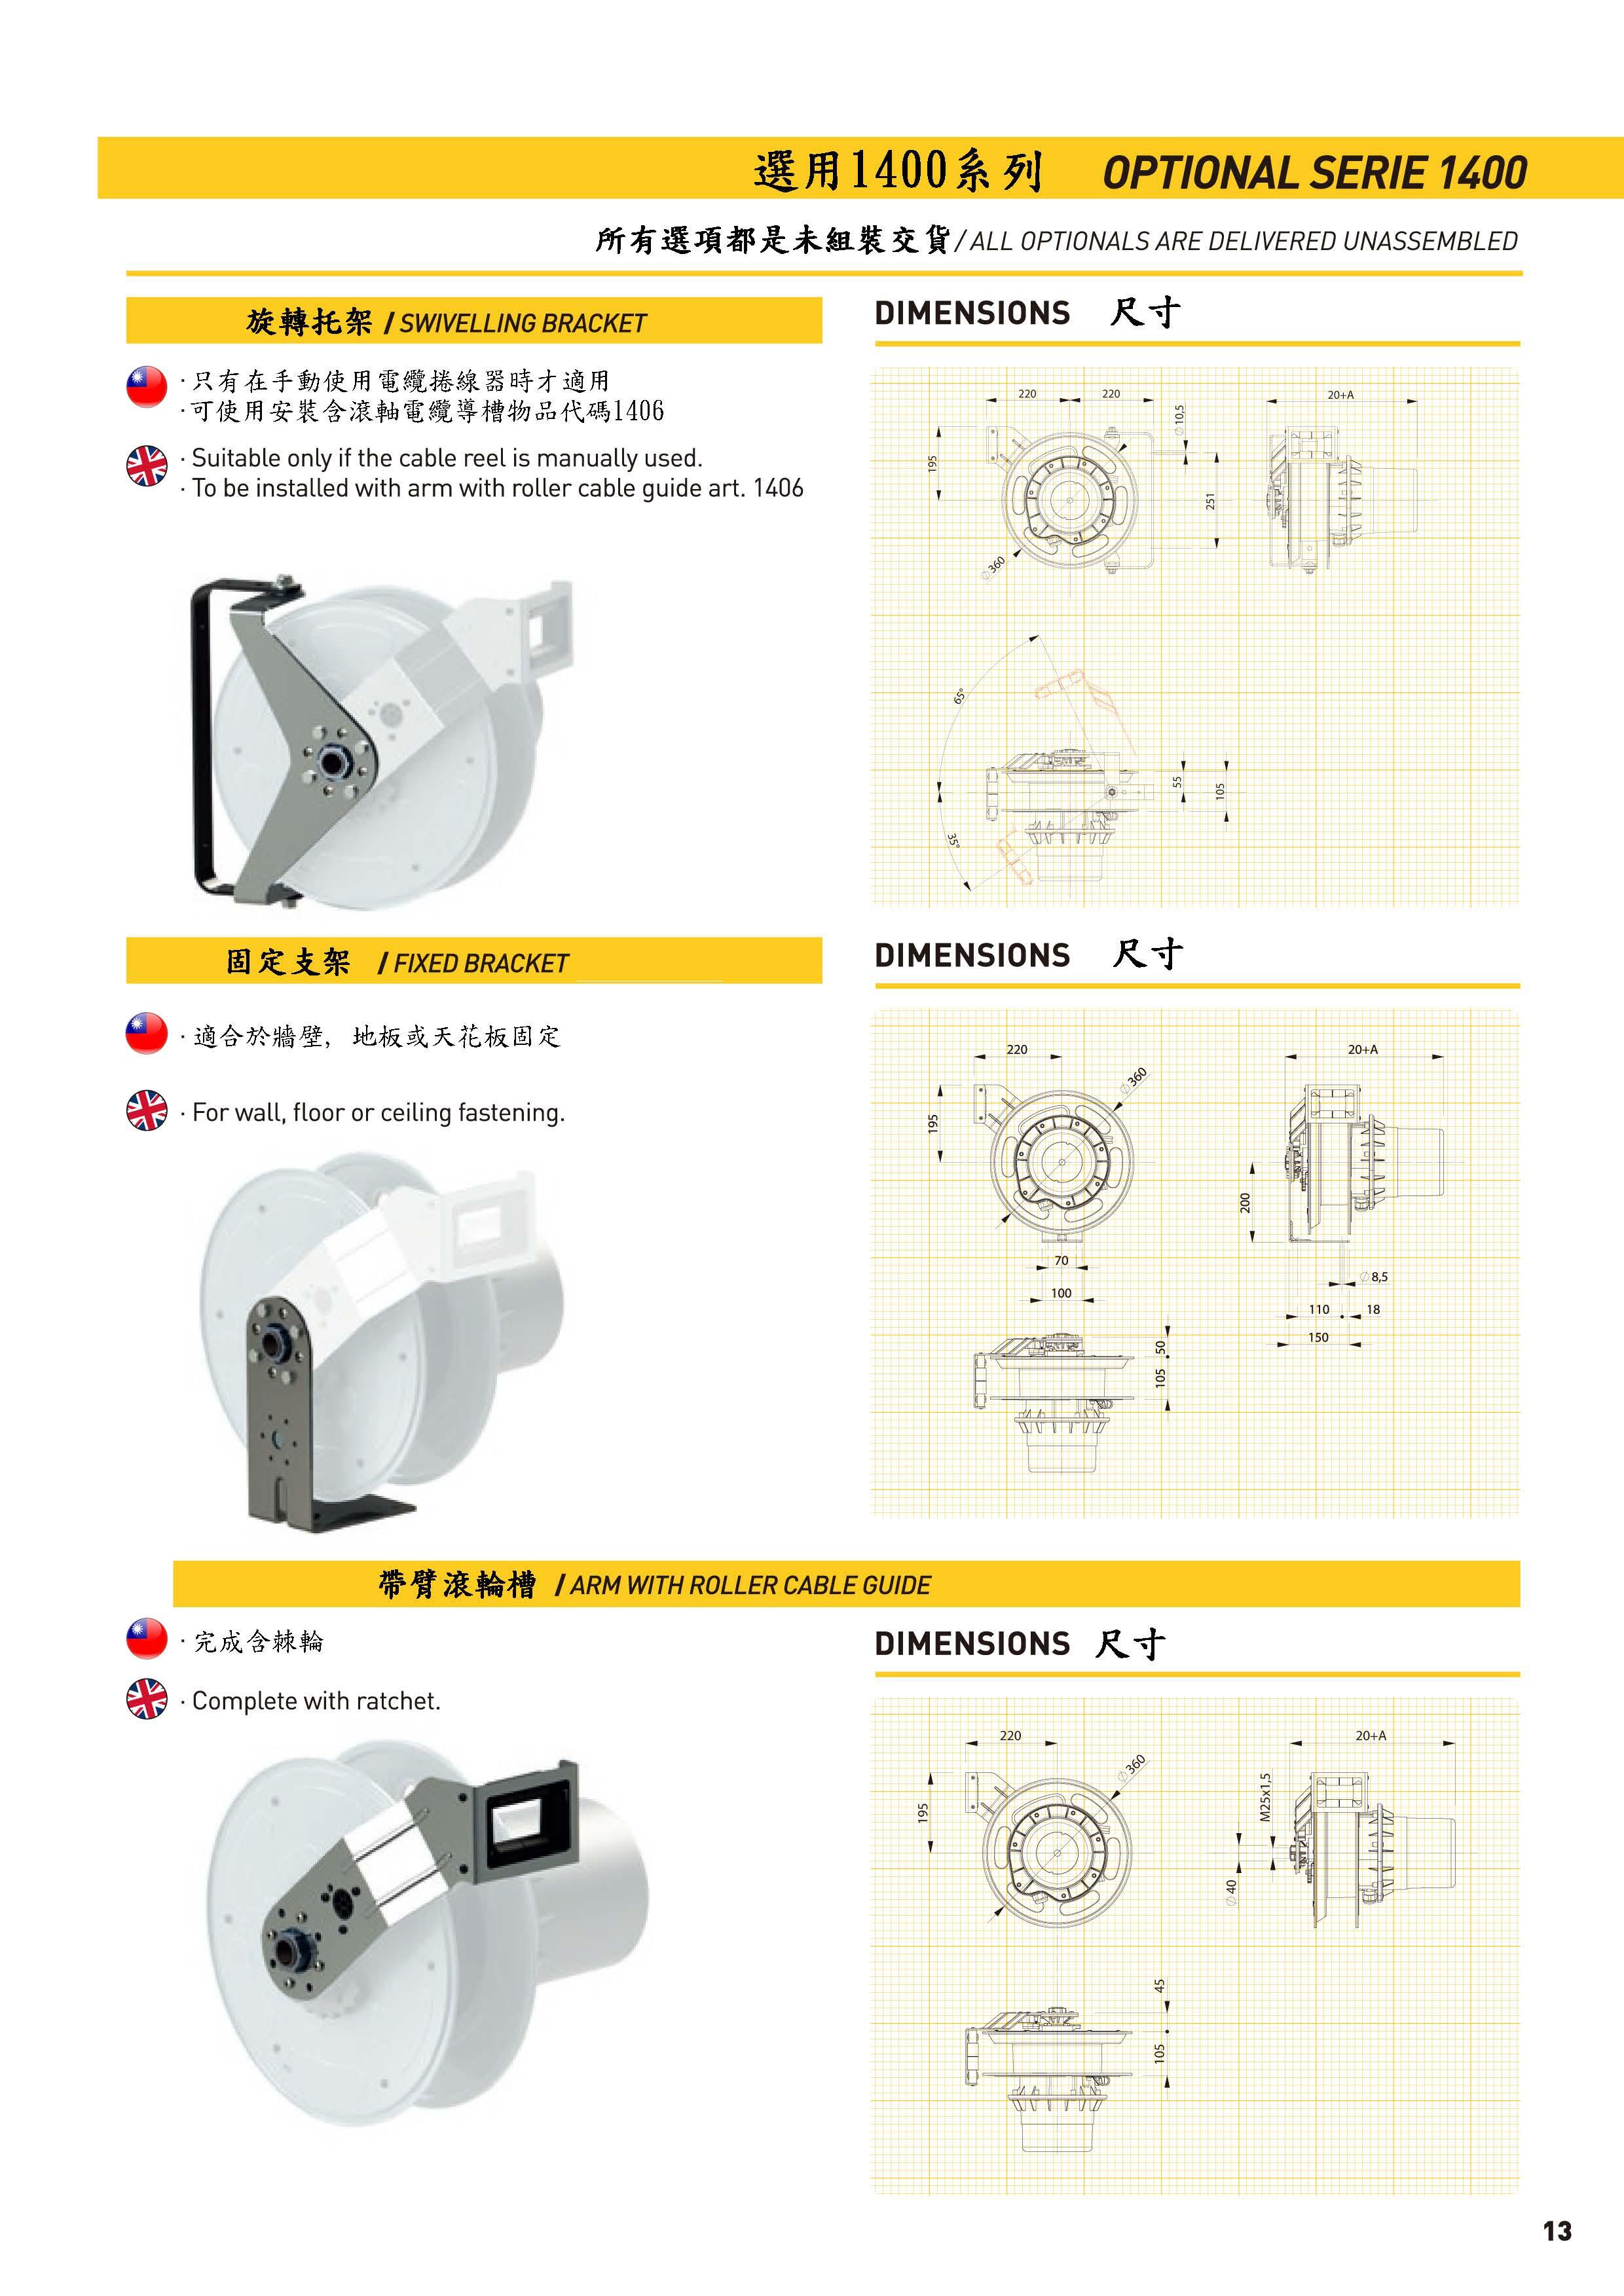 6-13. 選用1400系列 Optional 1400 seire